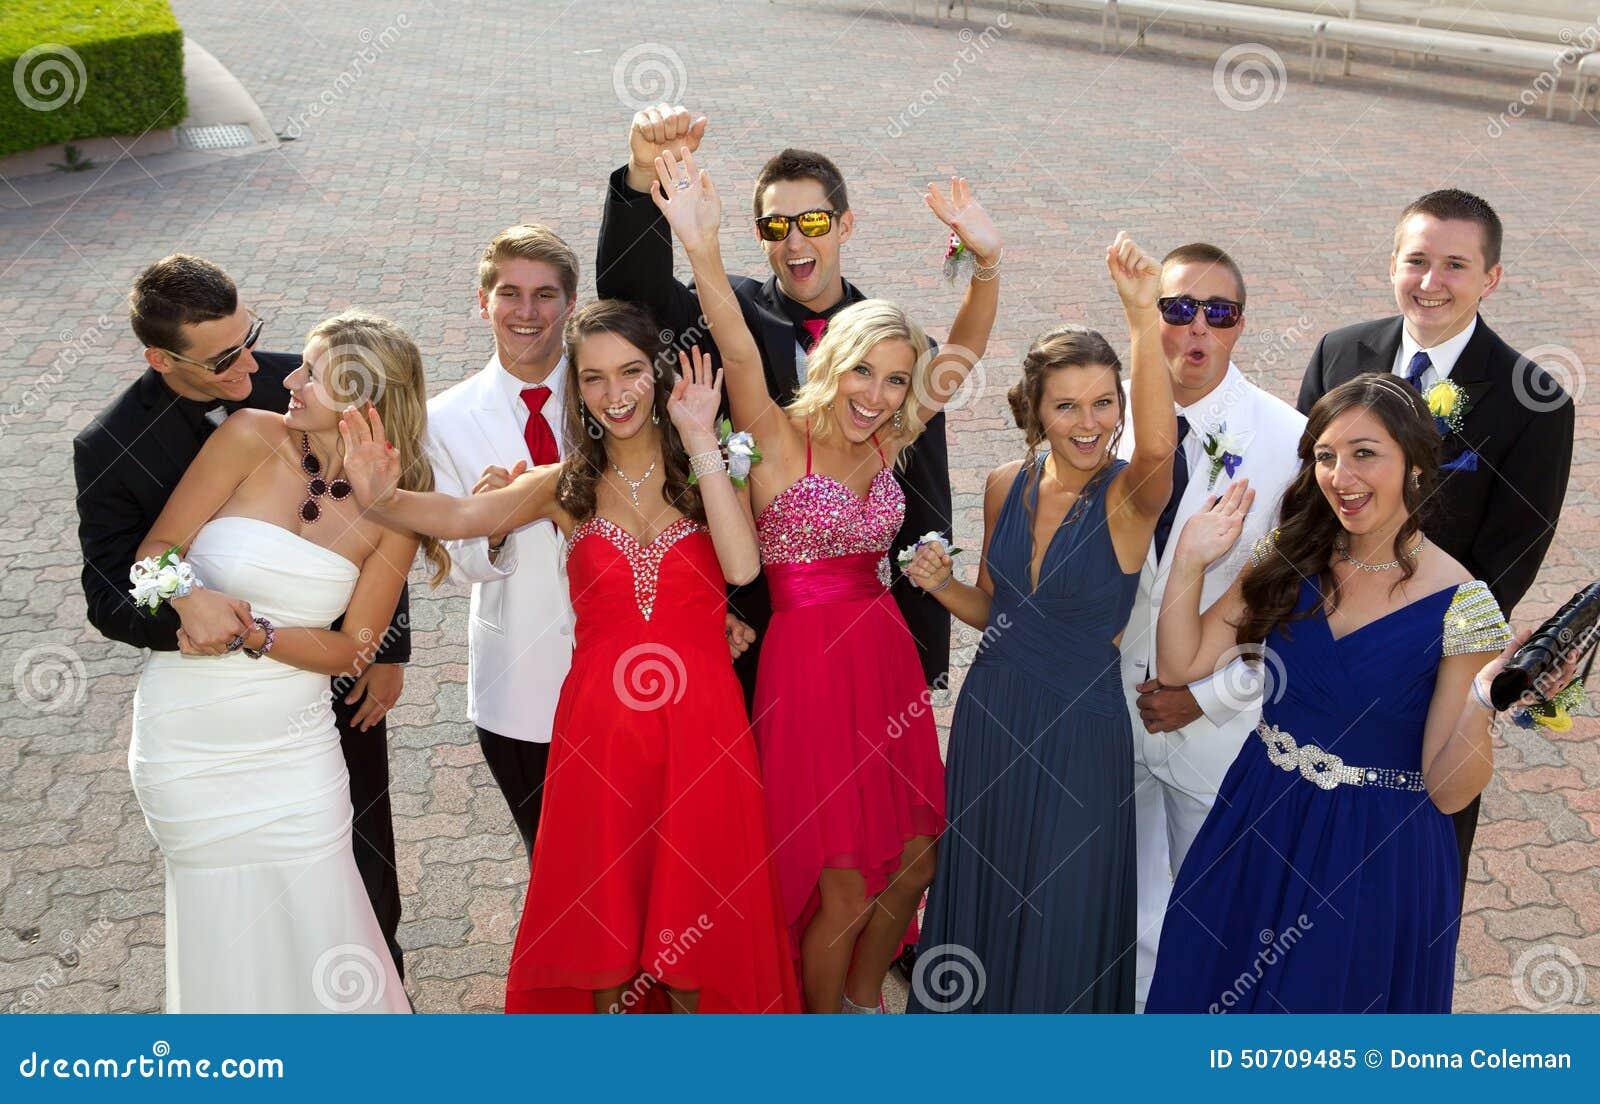 En grupp av tonåringar på studentbalen som poserar för ett foto